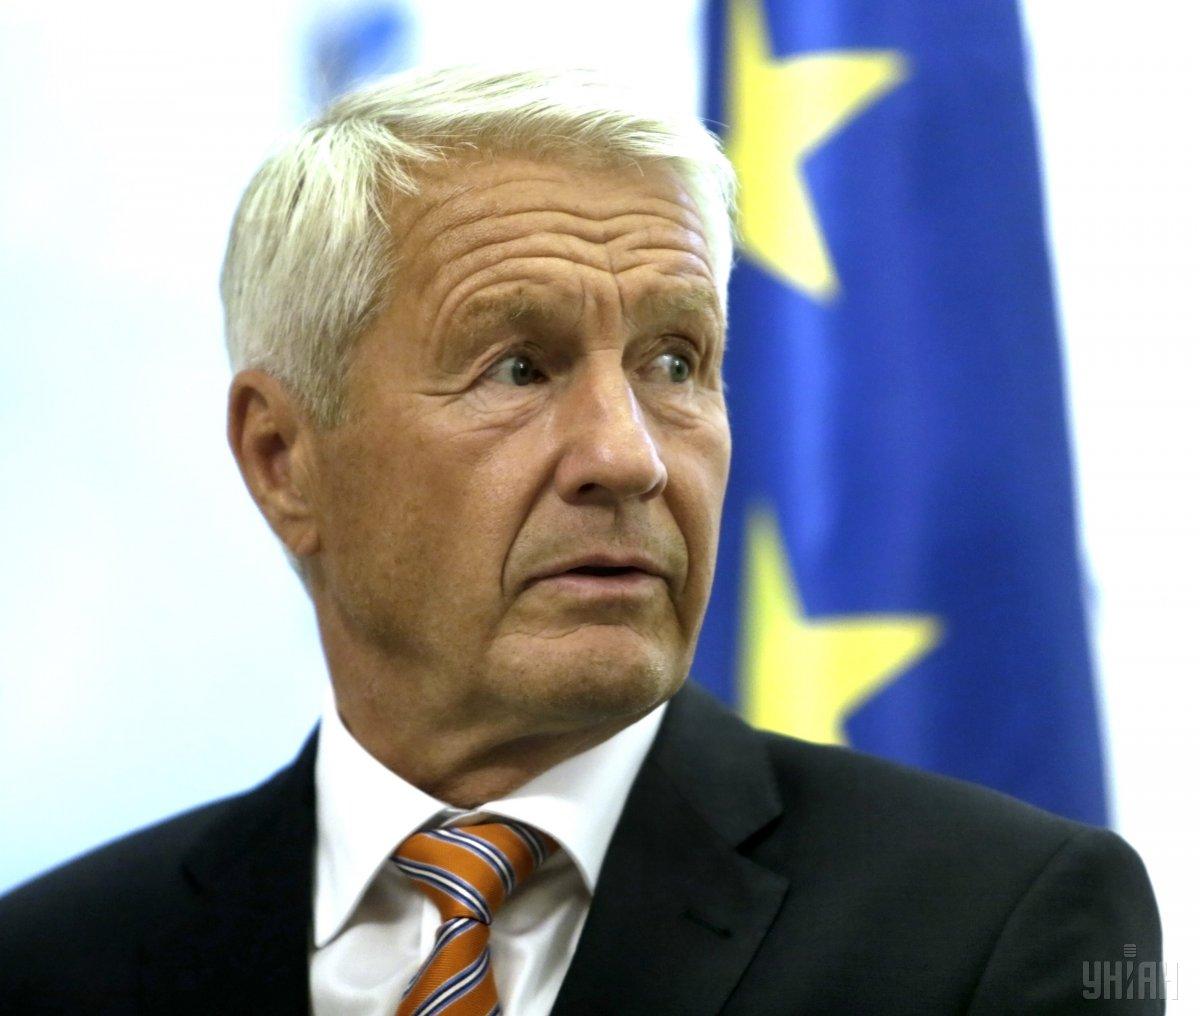 Геращенко пропонує Ягланду зменшити собізарплату/ УНИАН